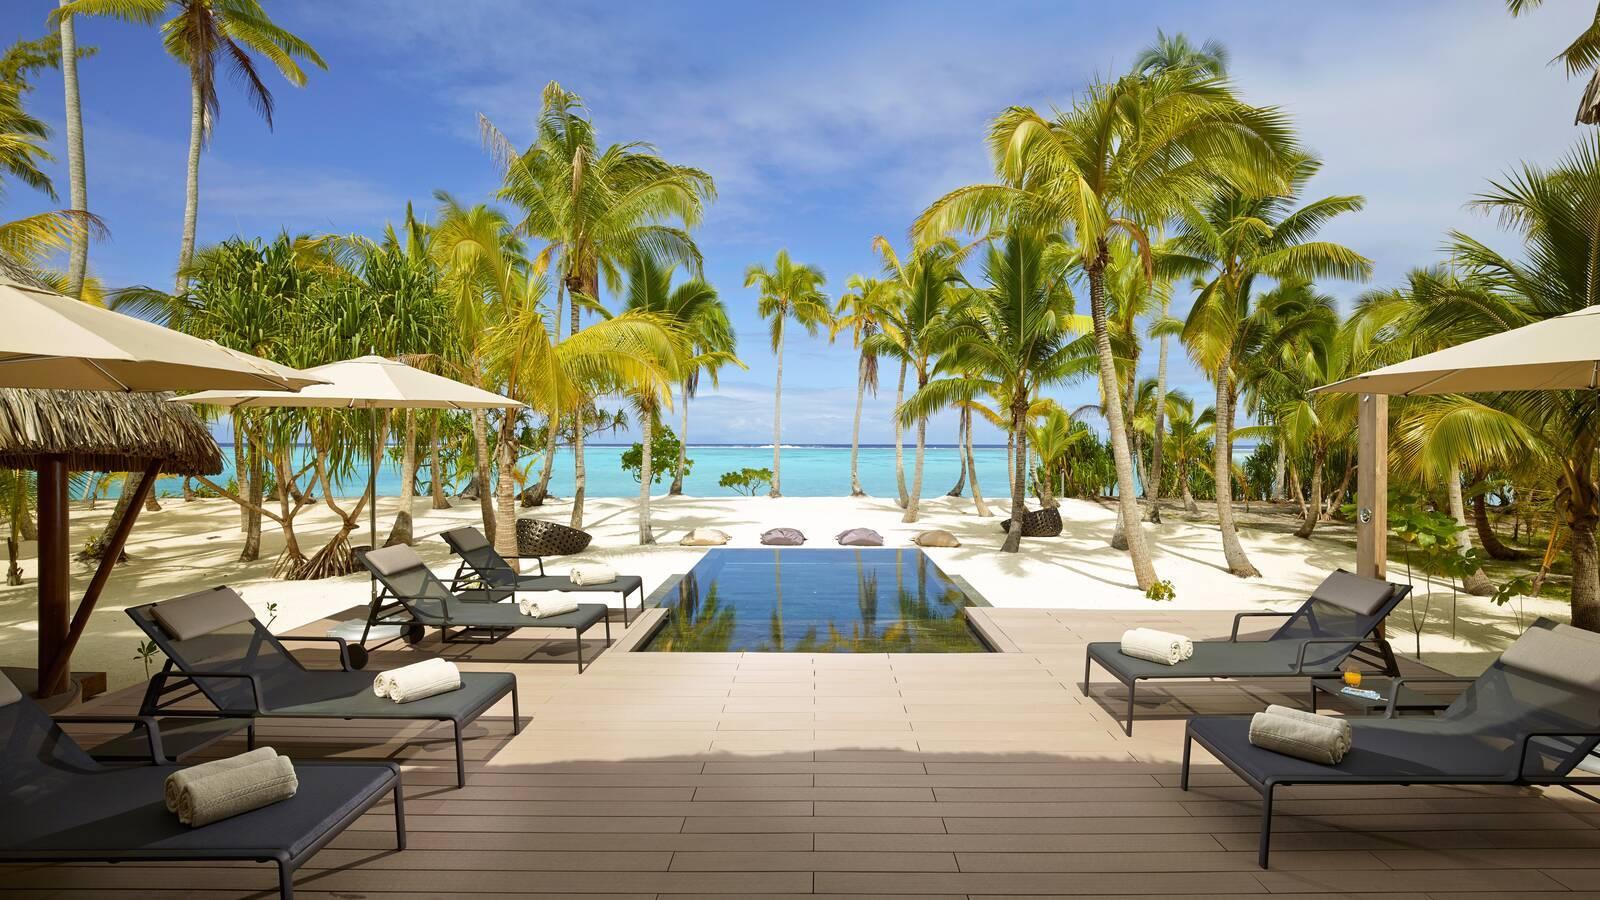 The Brando Villa 3 Chambres Piscine Polynesie Tetiaroa